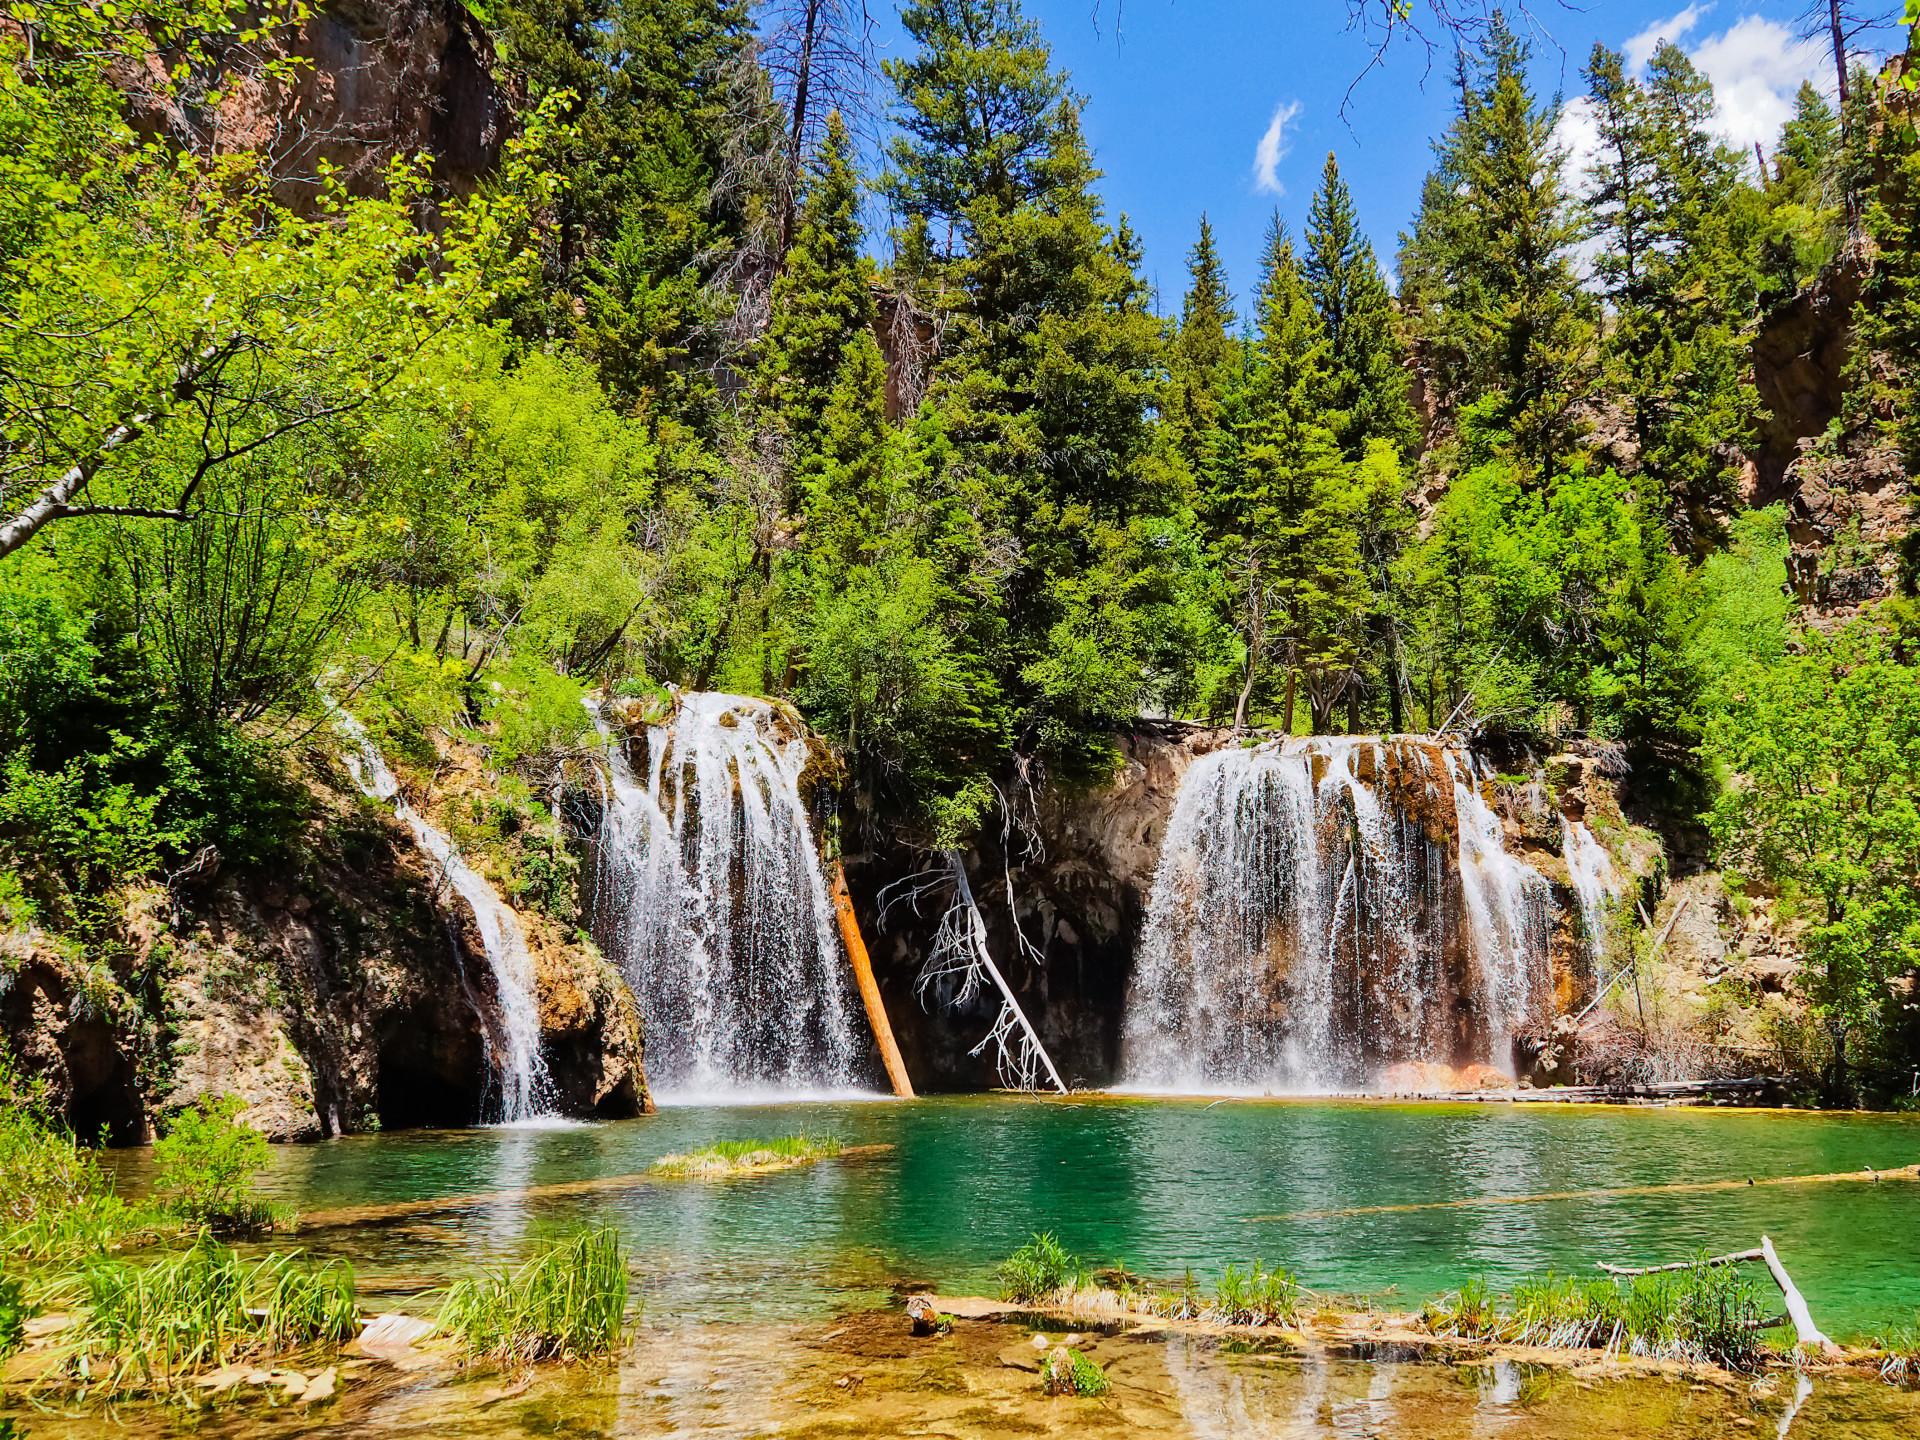 A local's guide to Colorado's magical hidden treasures